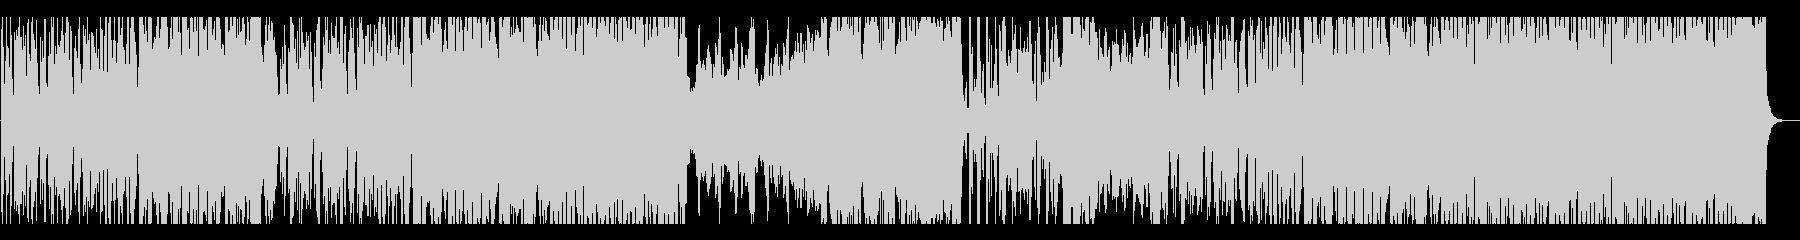 クラシックっぽい軽めのBGMの未再生の波形